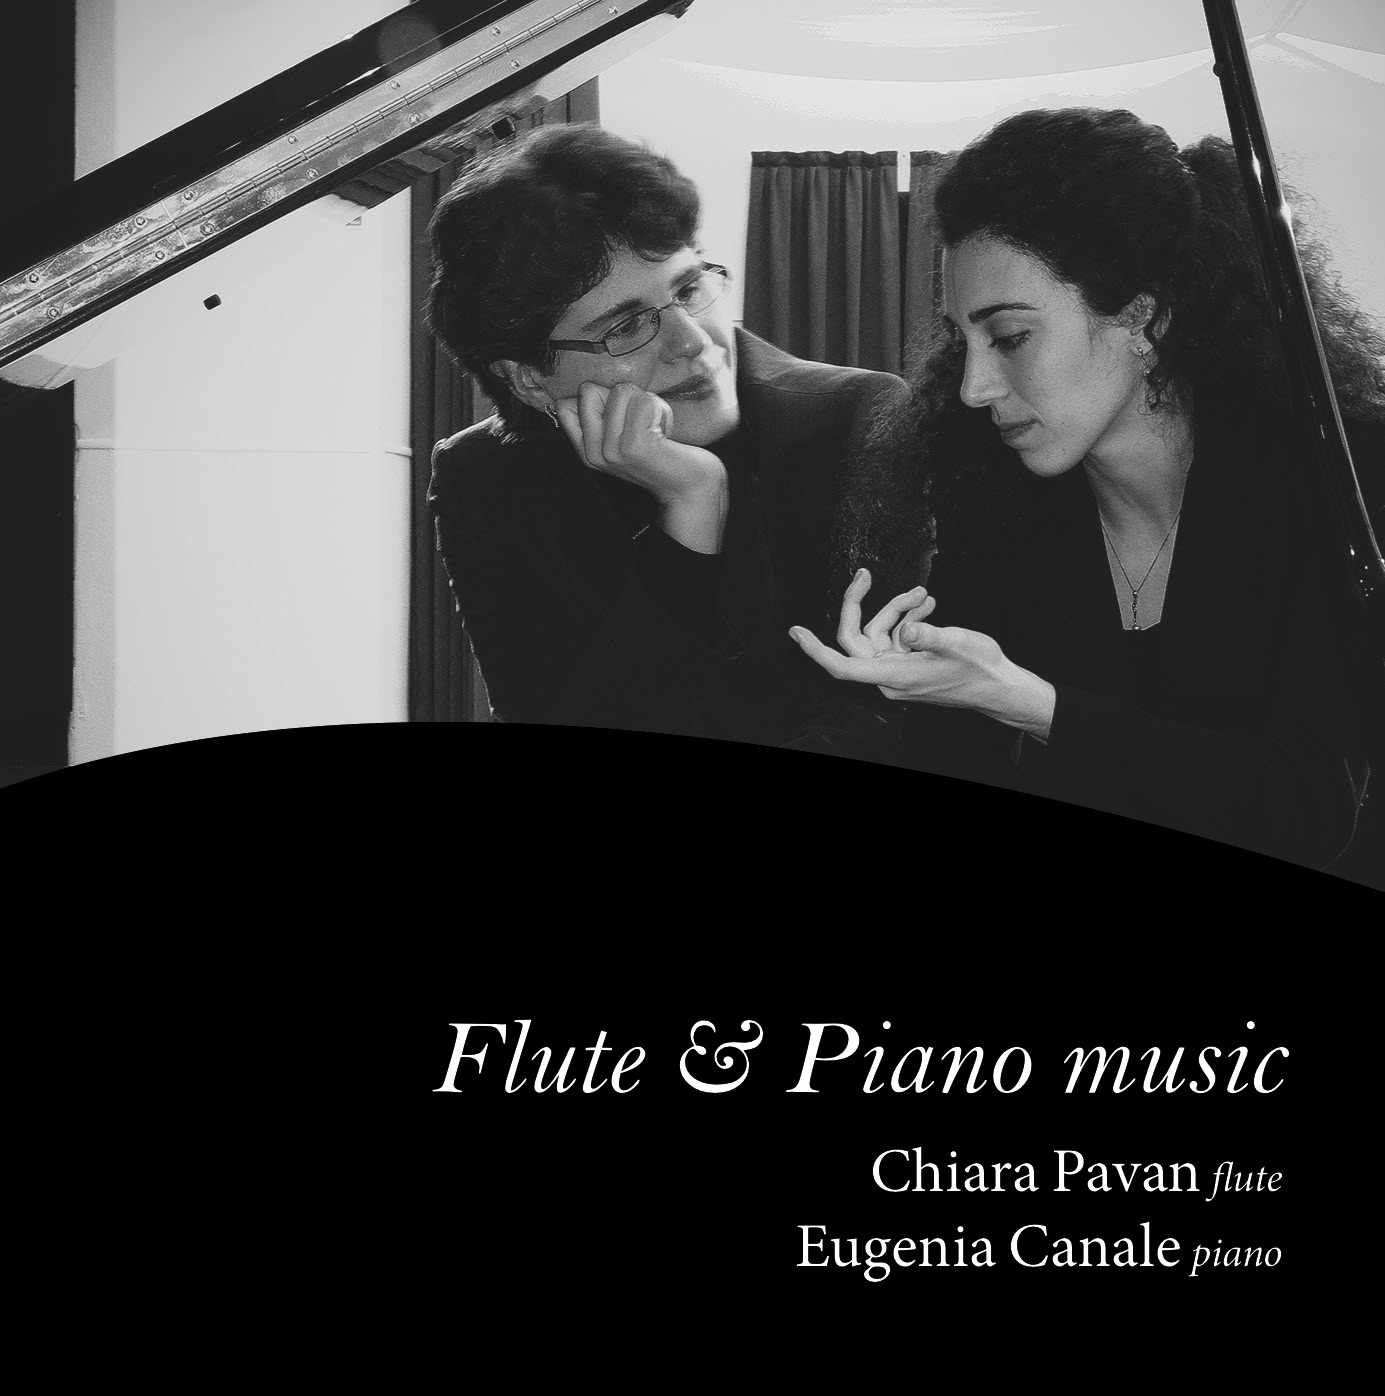 SHEVA 181 FLUTE & PIANO MUSIC